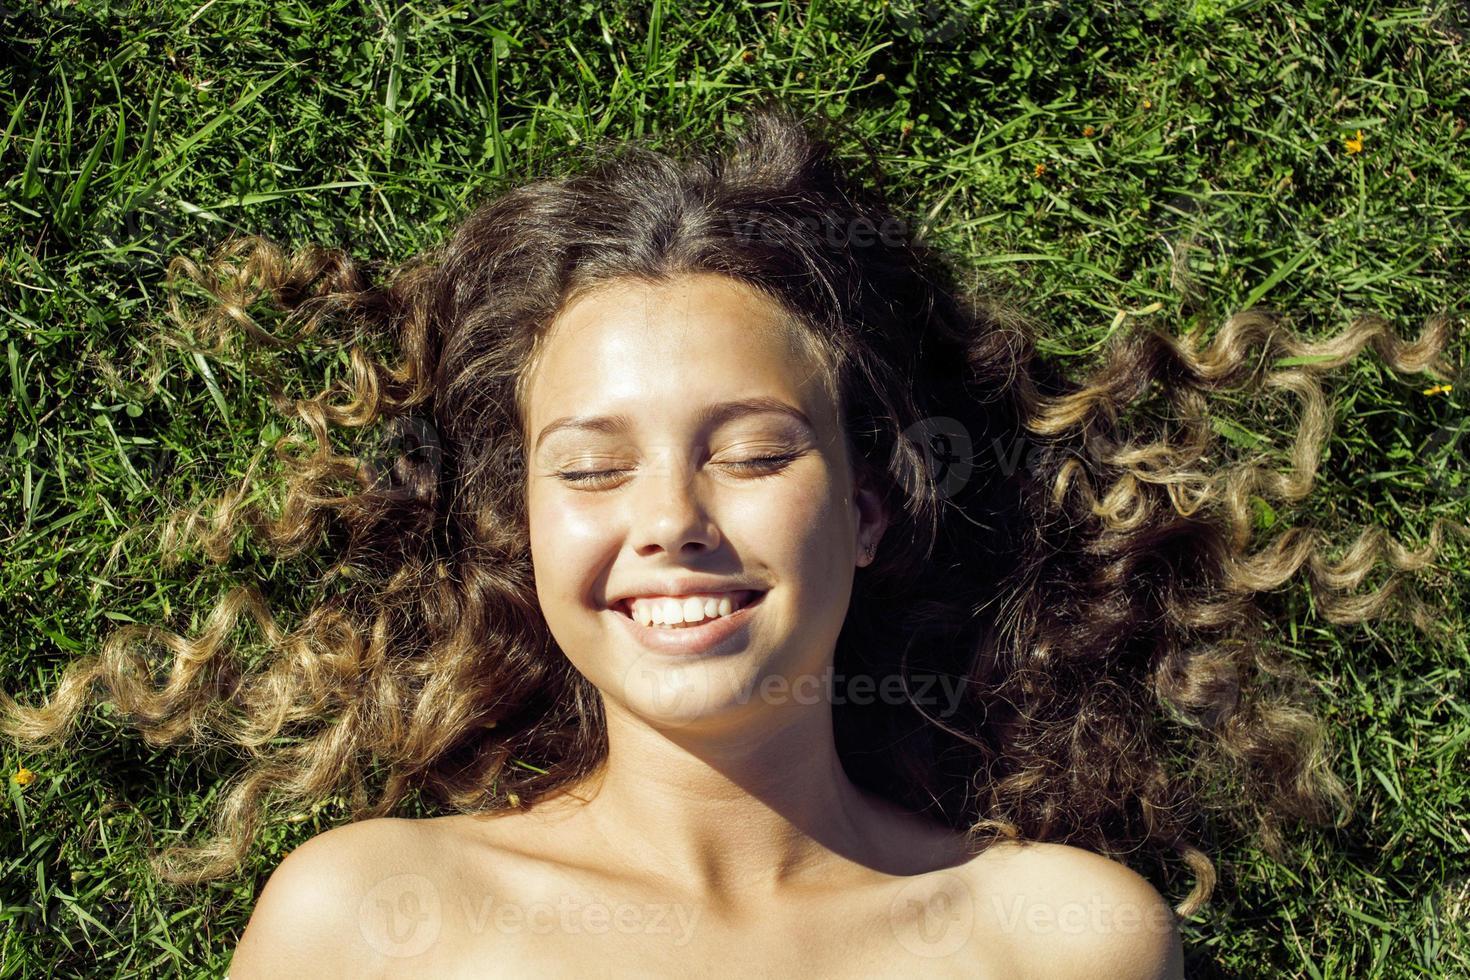 garota verão bonito jovem na grama fora relaxante sorrindo foto